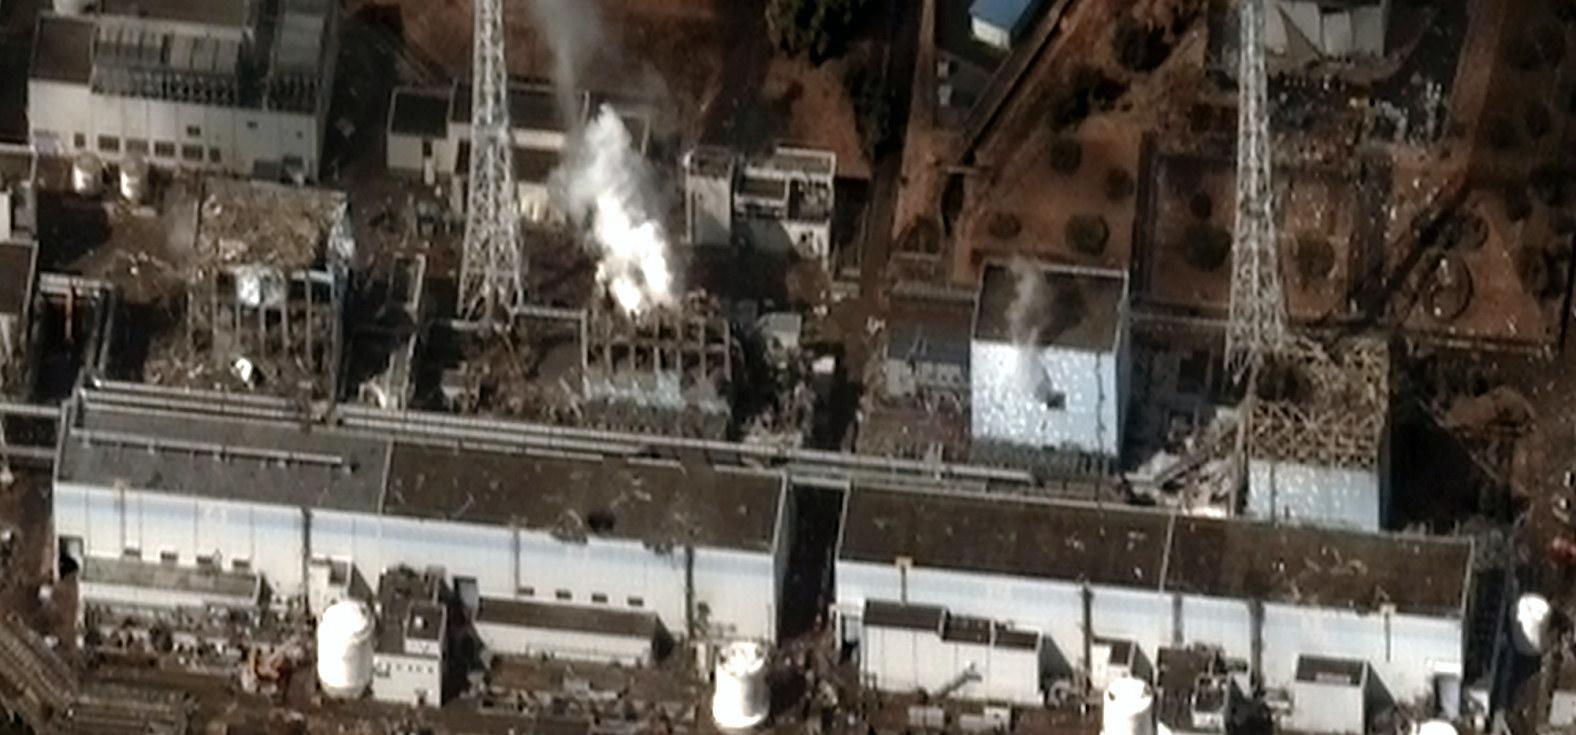 10 Jahre Atomkatastrophe Fukushima – Hochrisikotechnologie ohne Zukunft